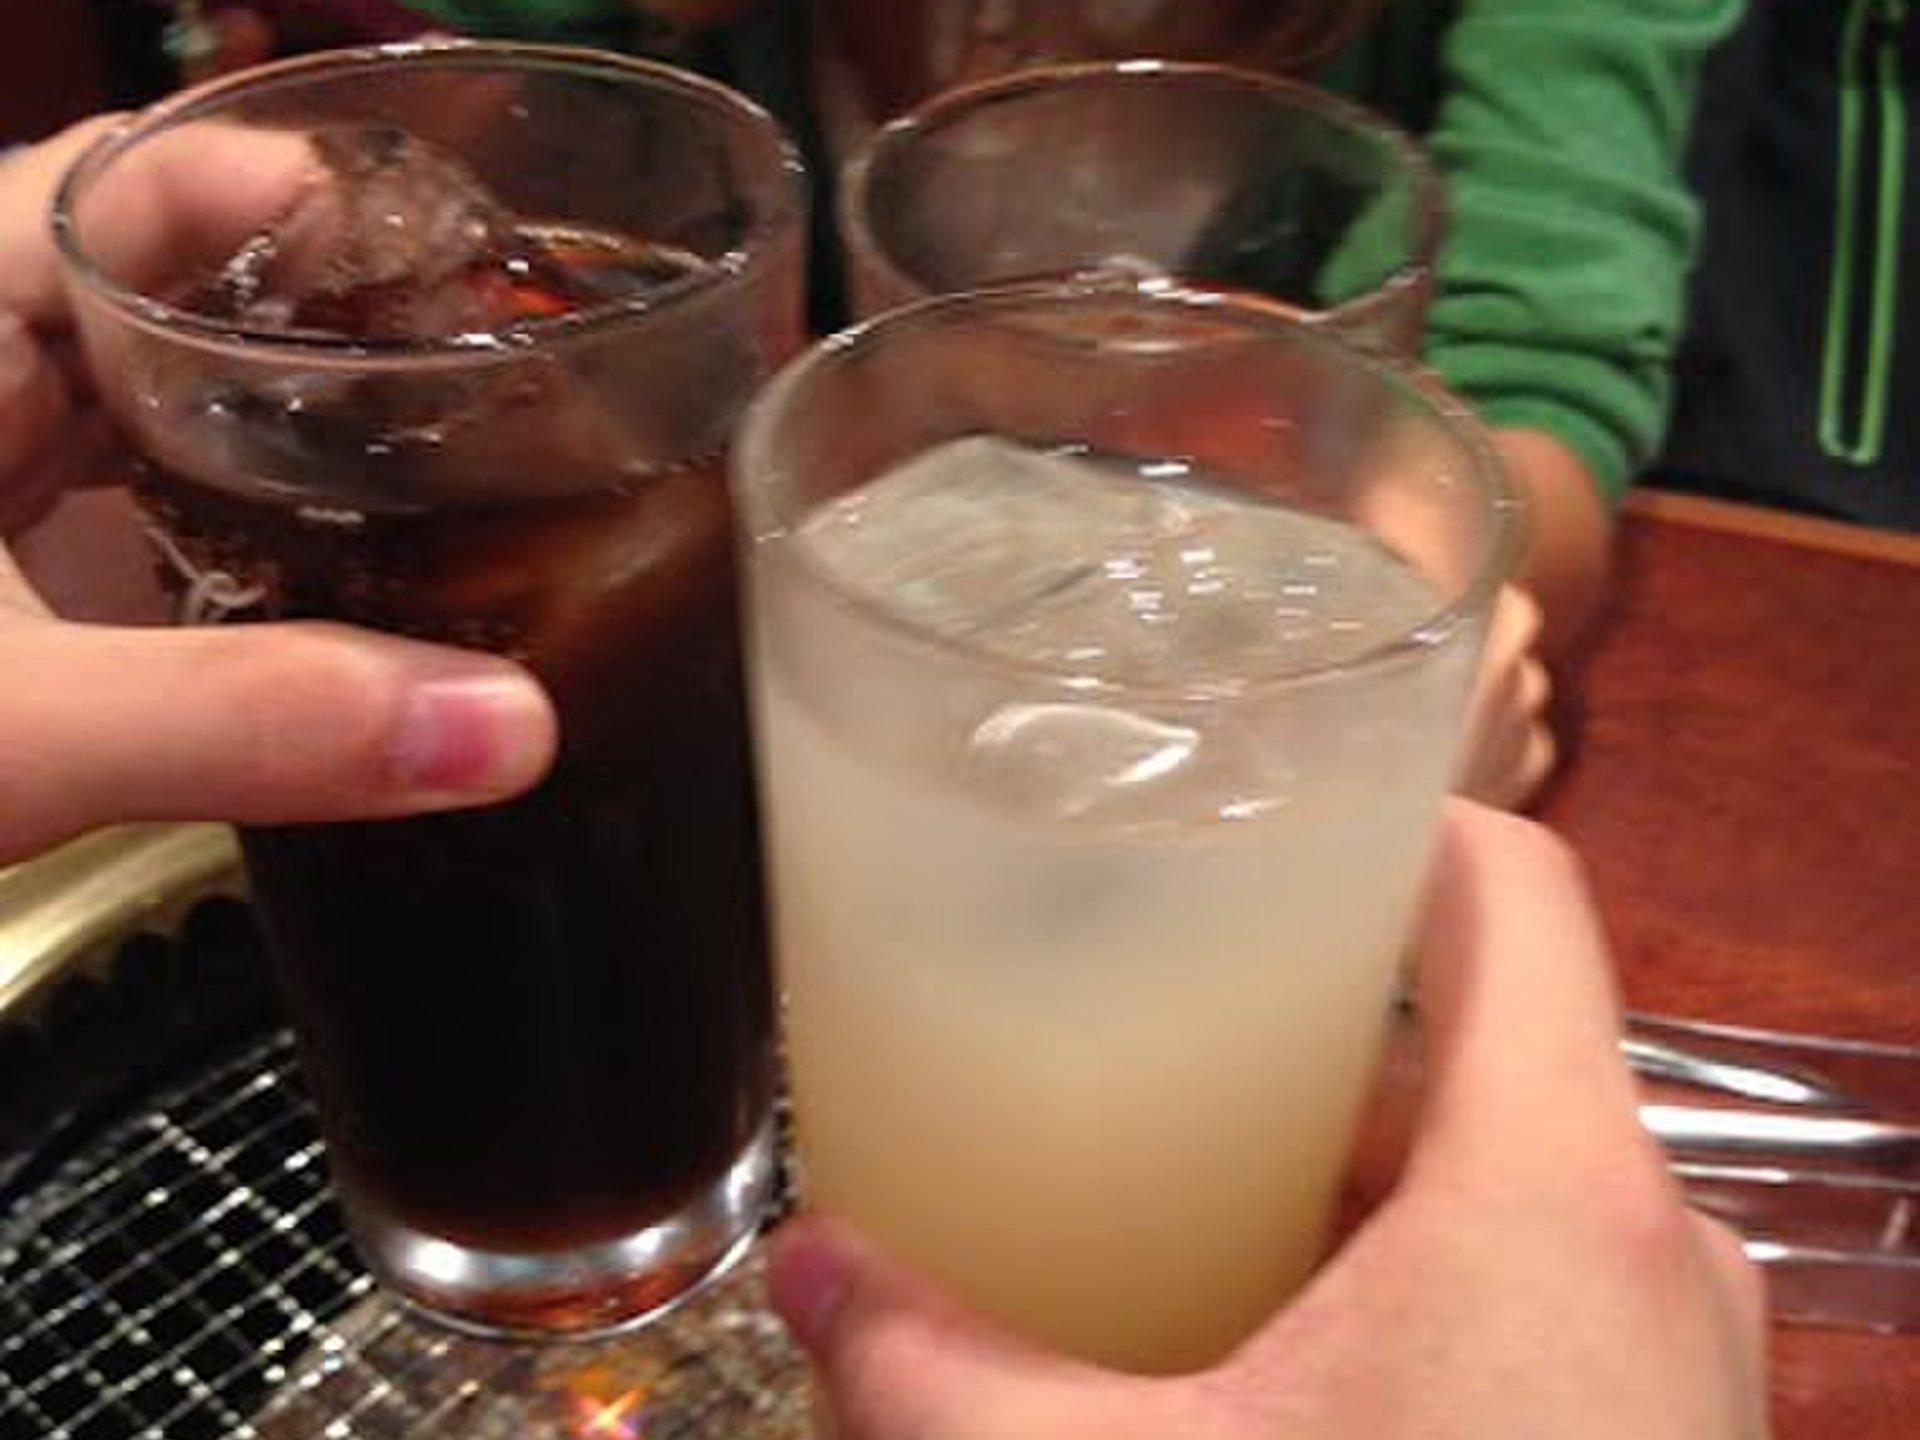 渋谷でご飯3選!迷ったらとりあえずここがおすすめ!デートでも友達との食事でも使える!!